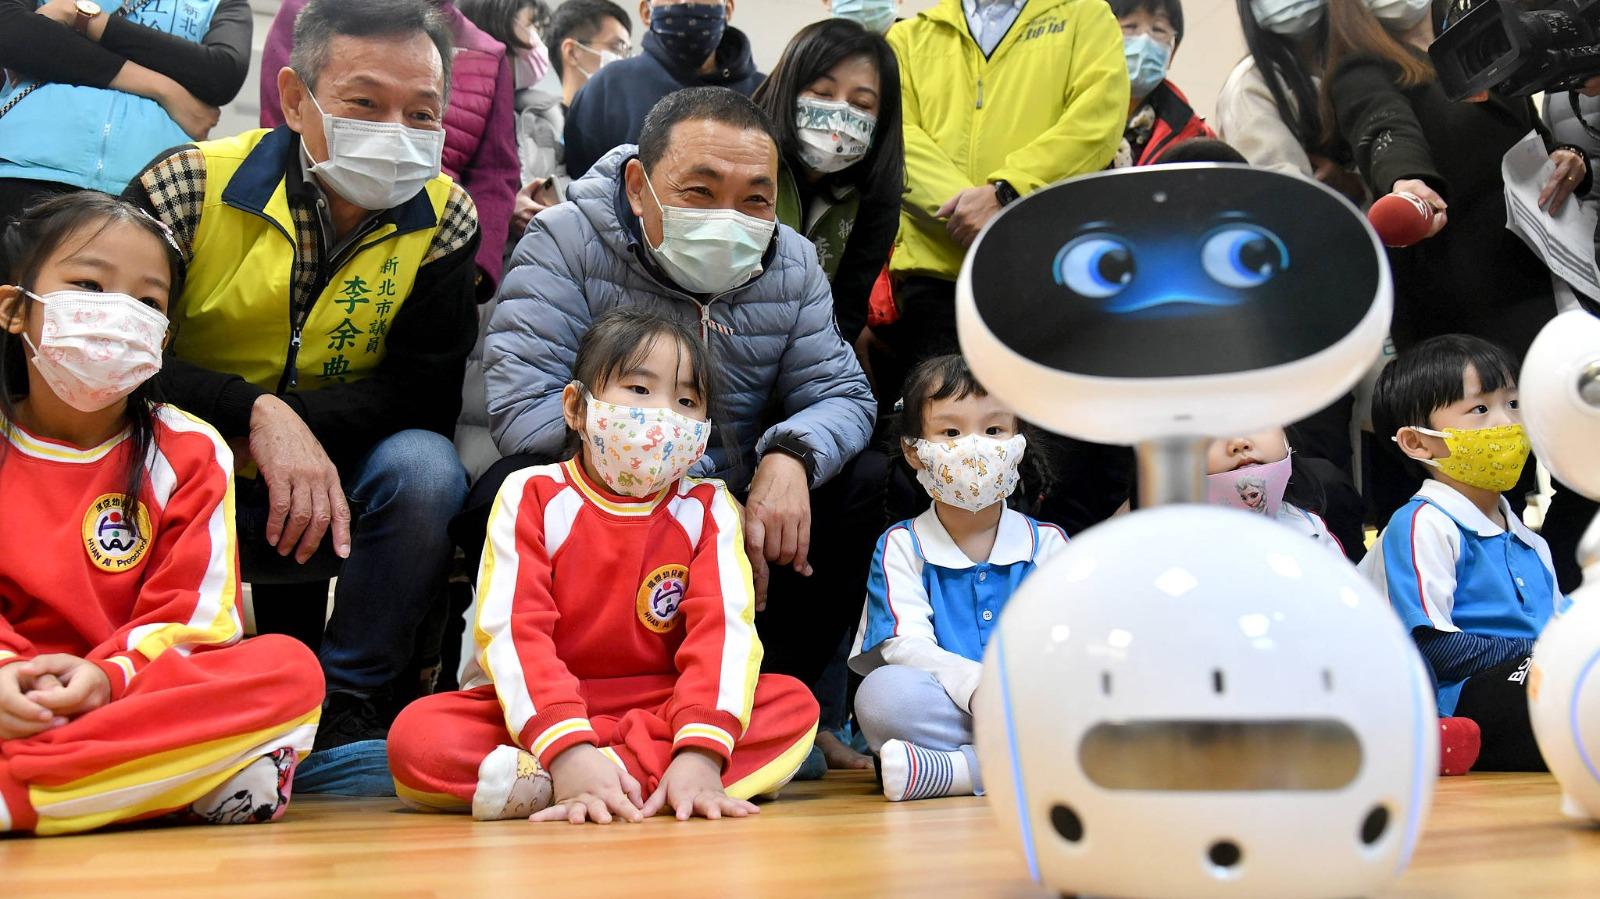 市長和小朋友與機器人互動